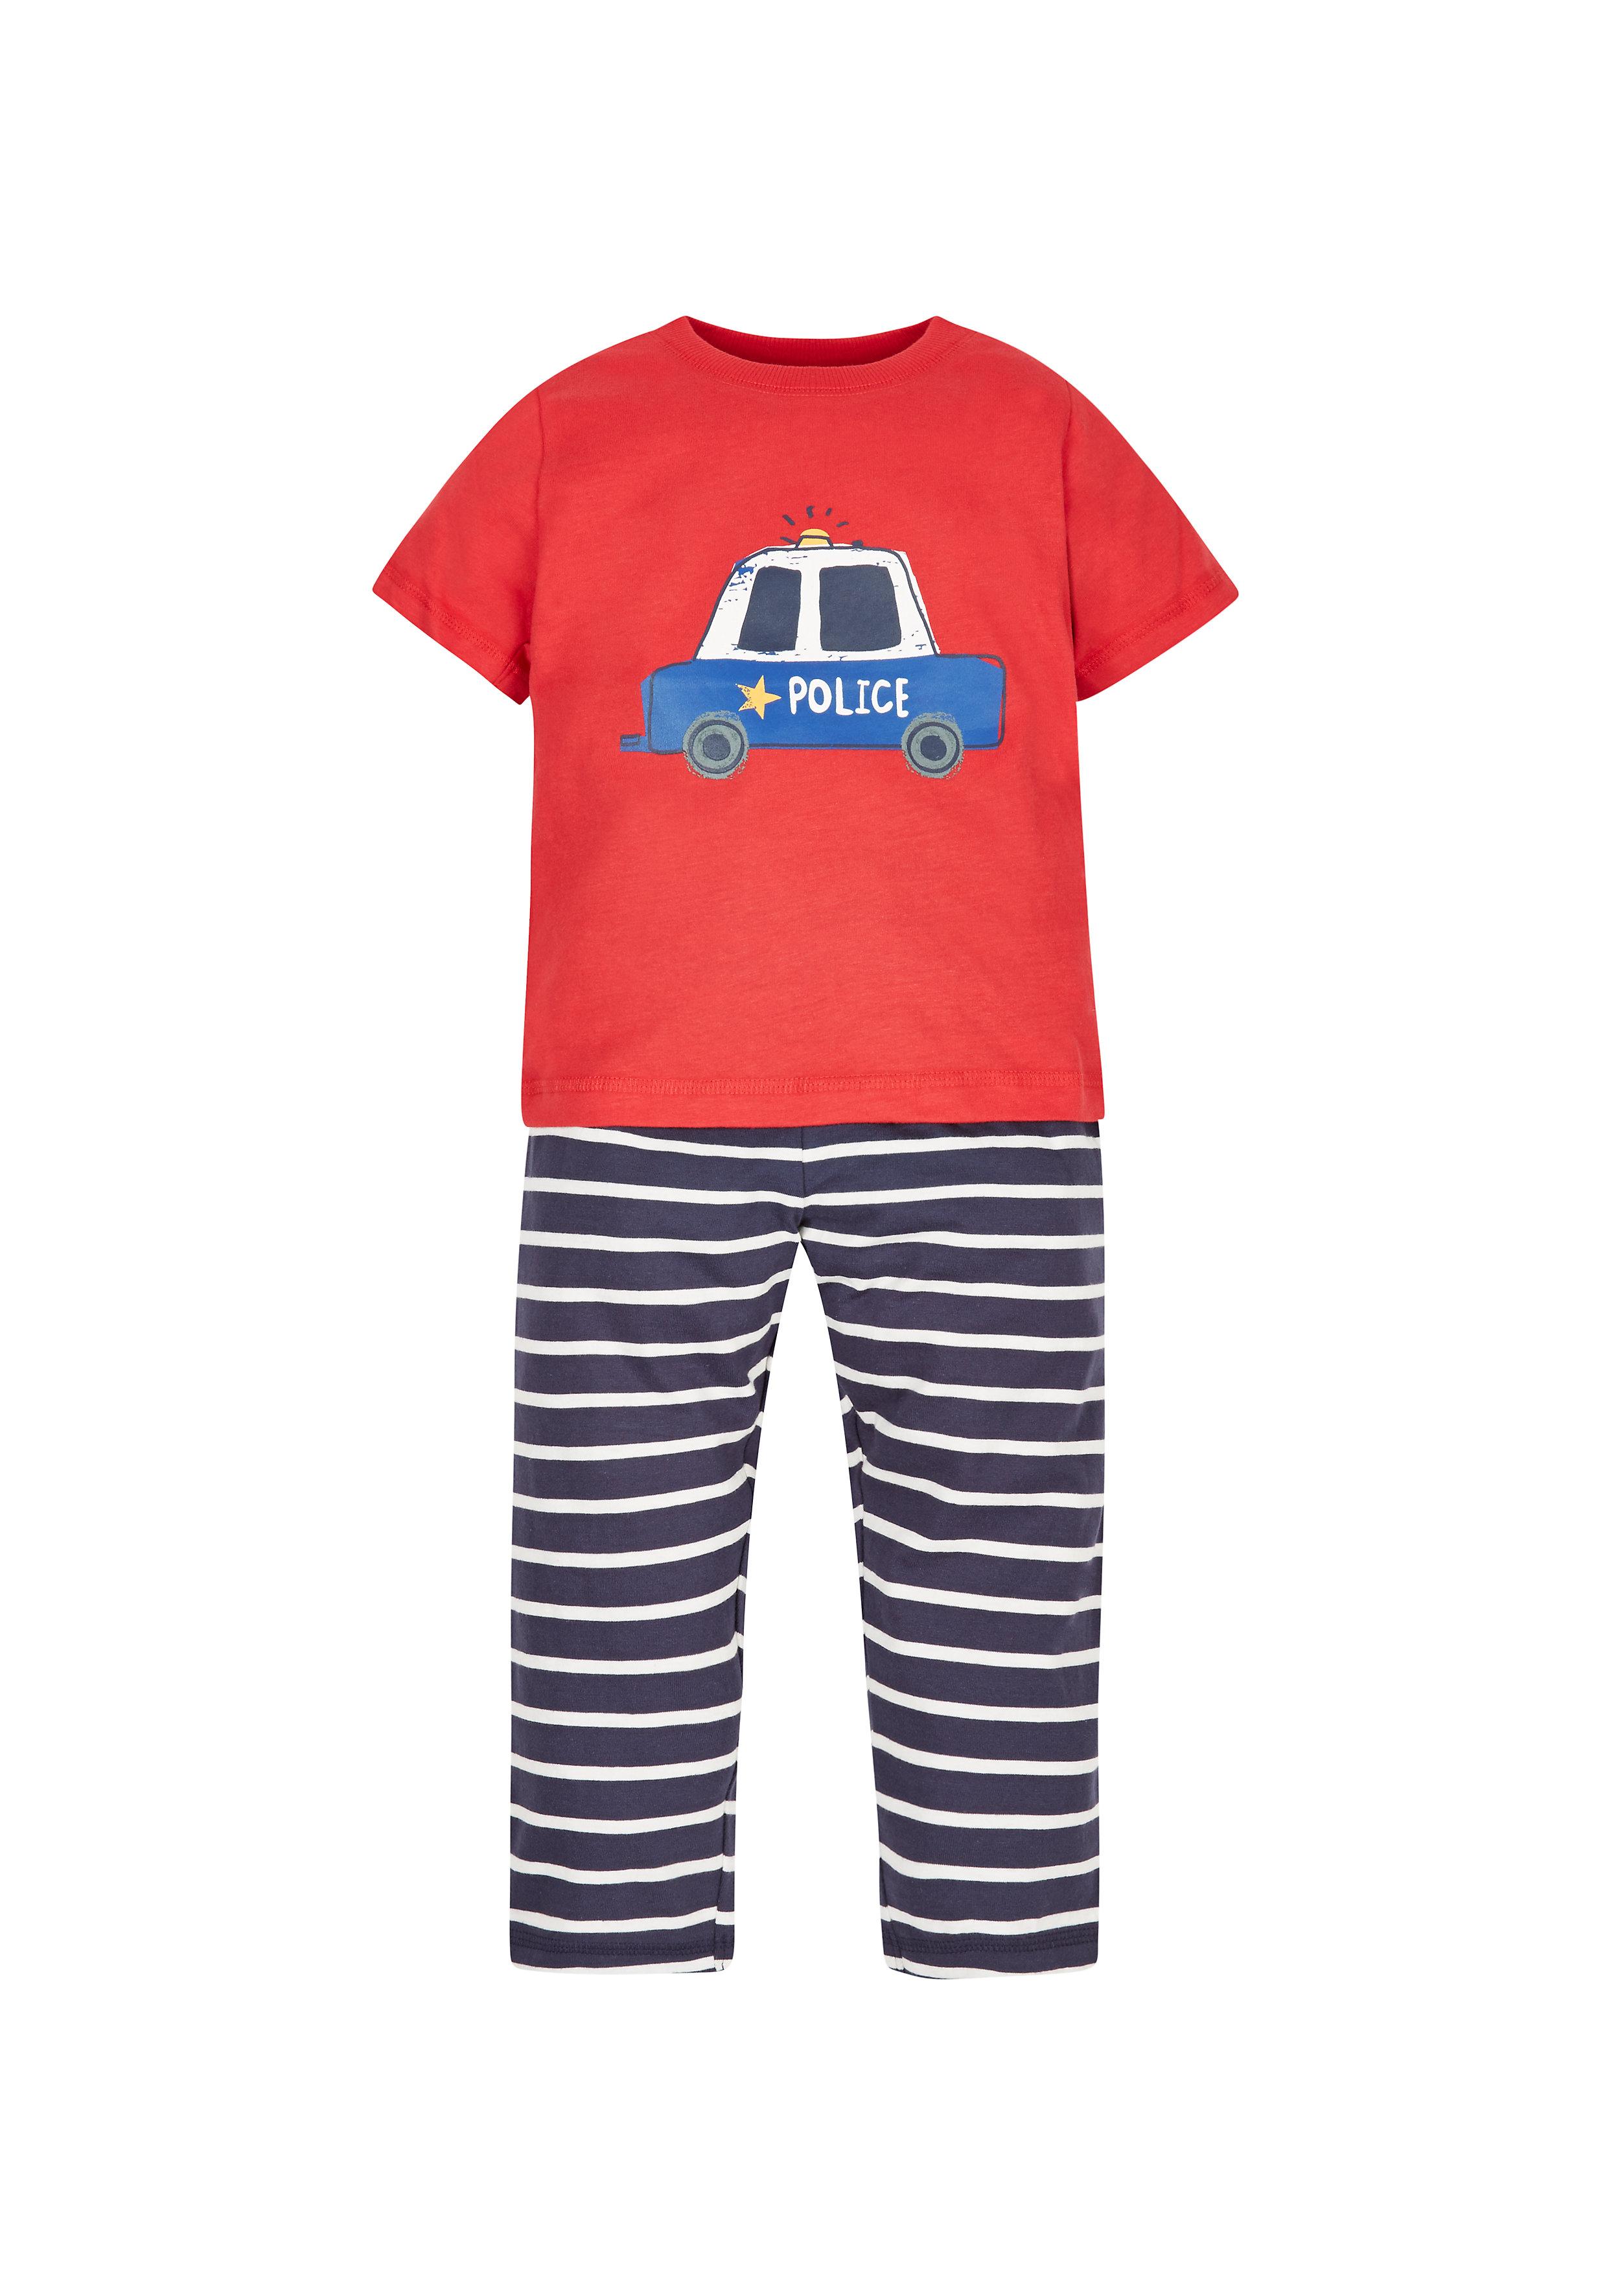 Mothercare   Boys Police Car Pyjamas  - Red